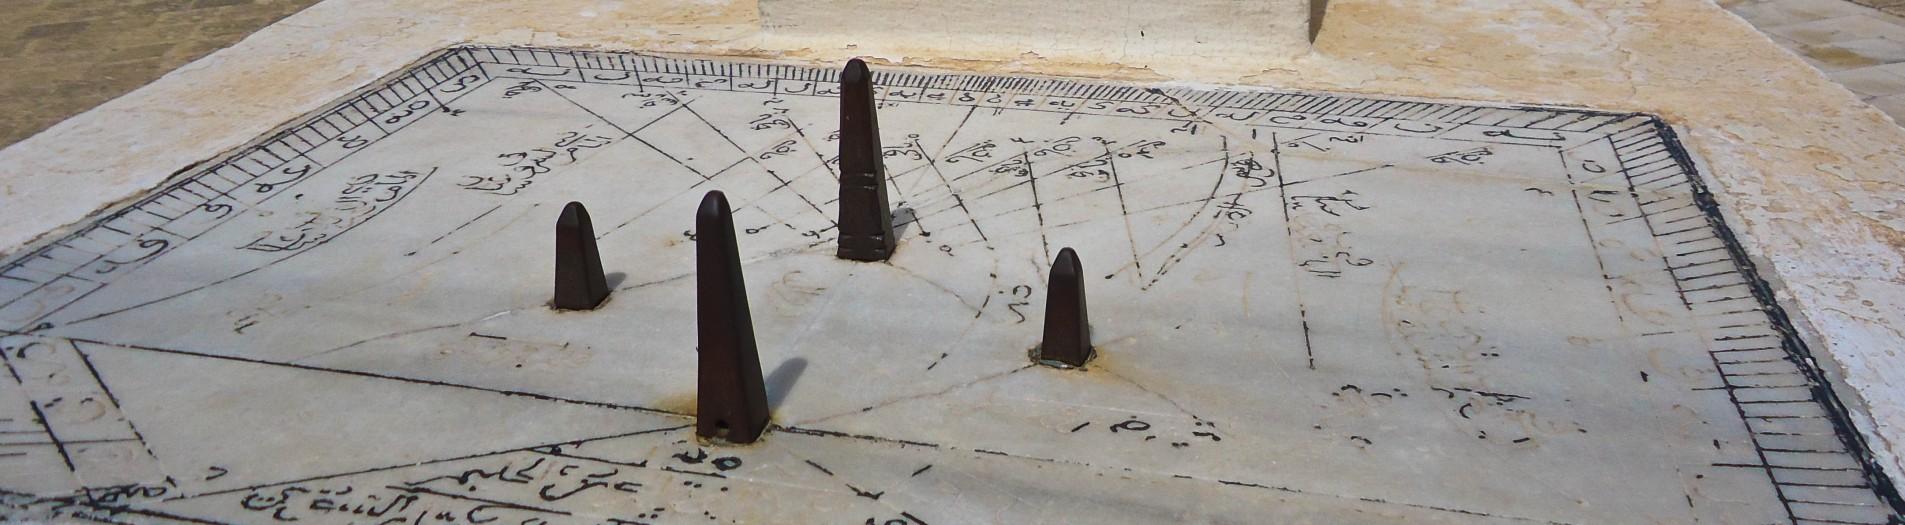 Zaher Kammoun Gallery Category Des Cadrans Solaires De La